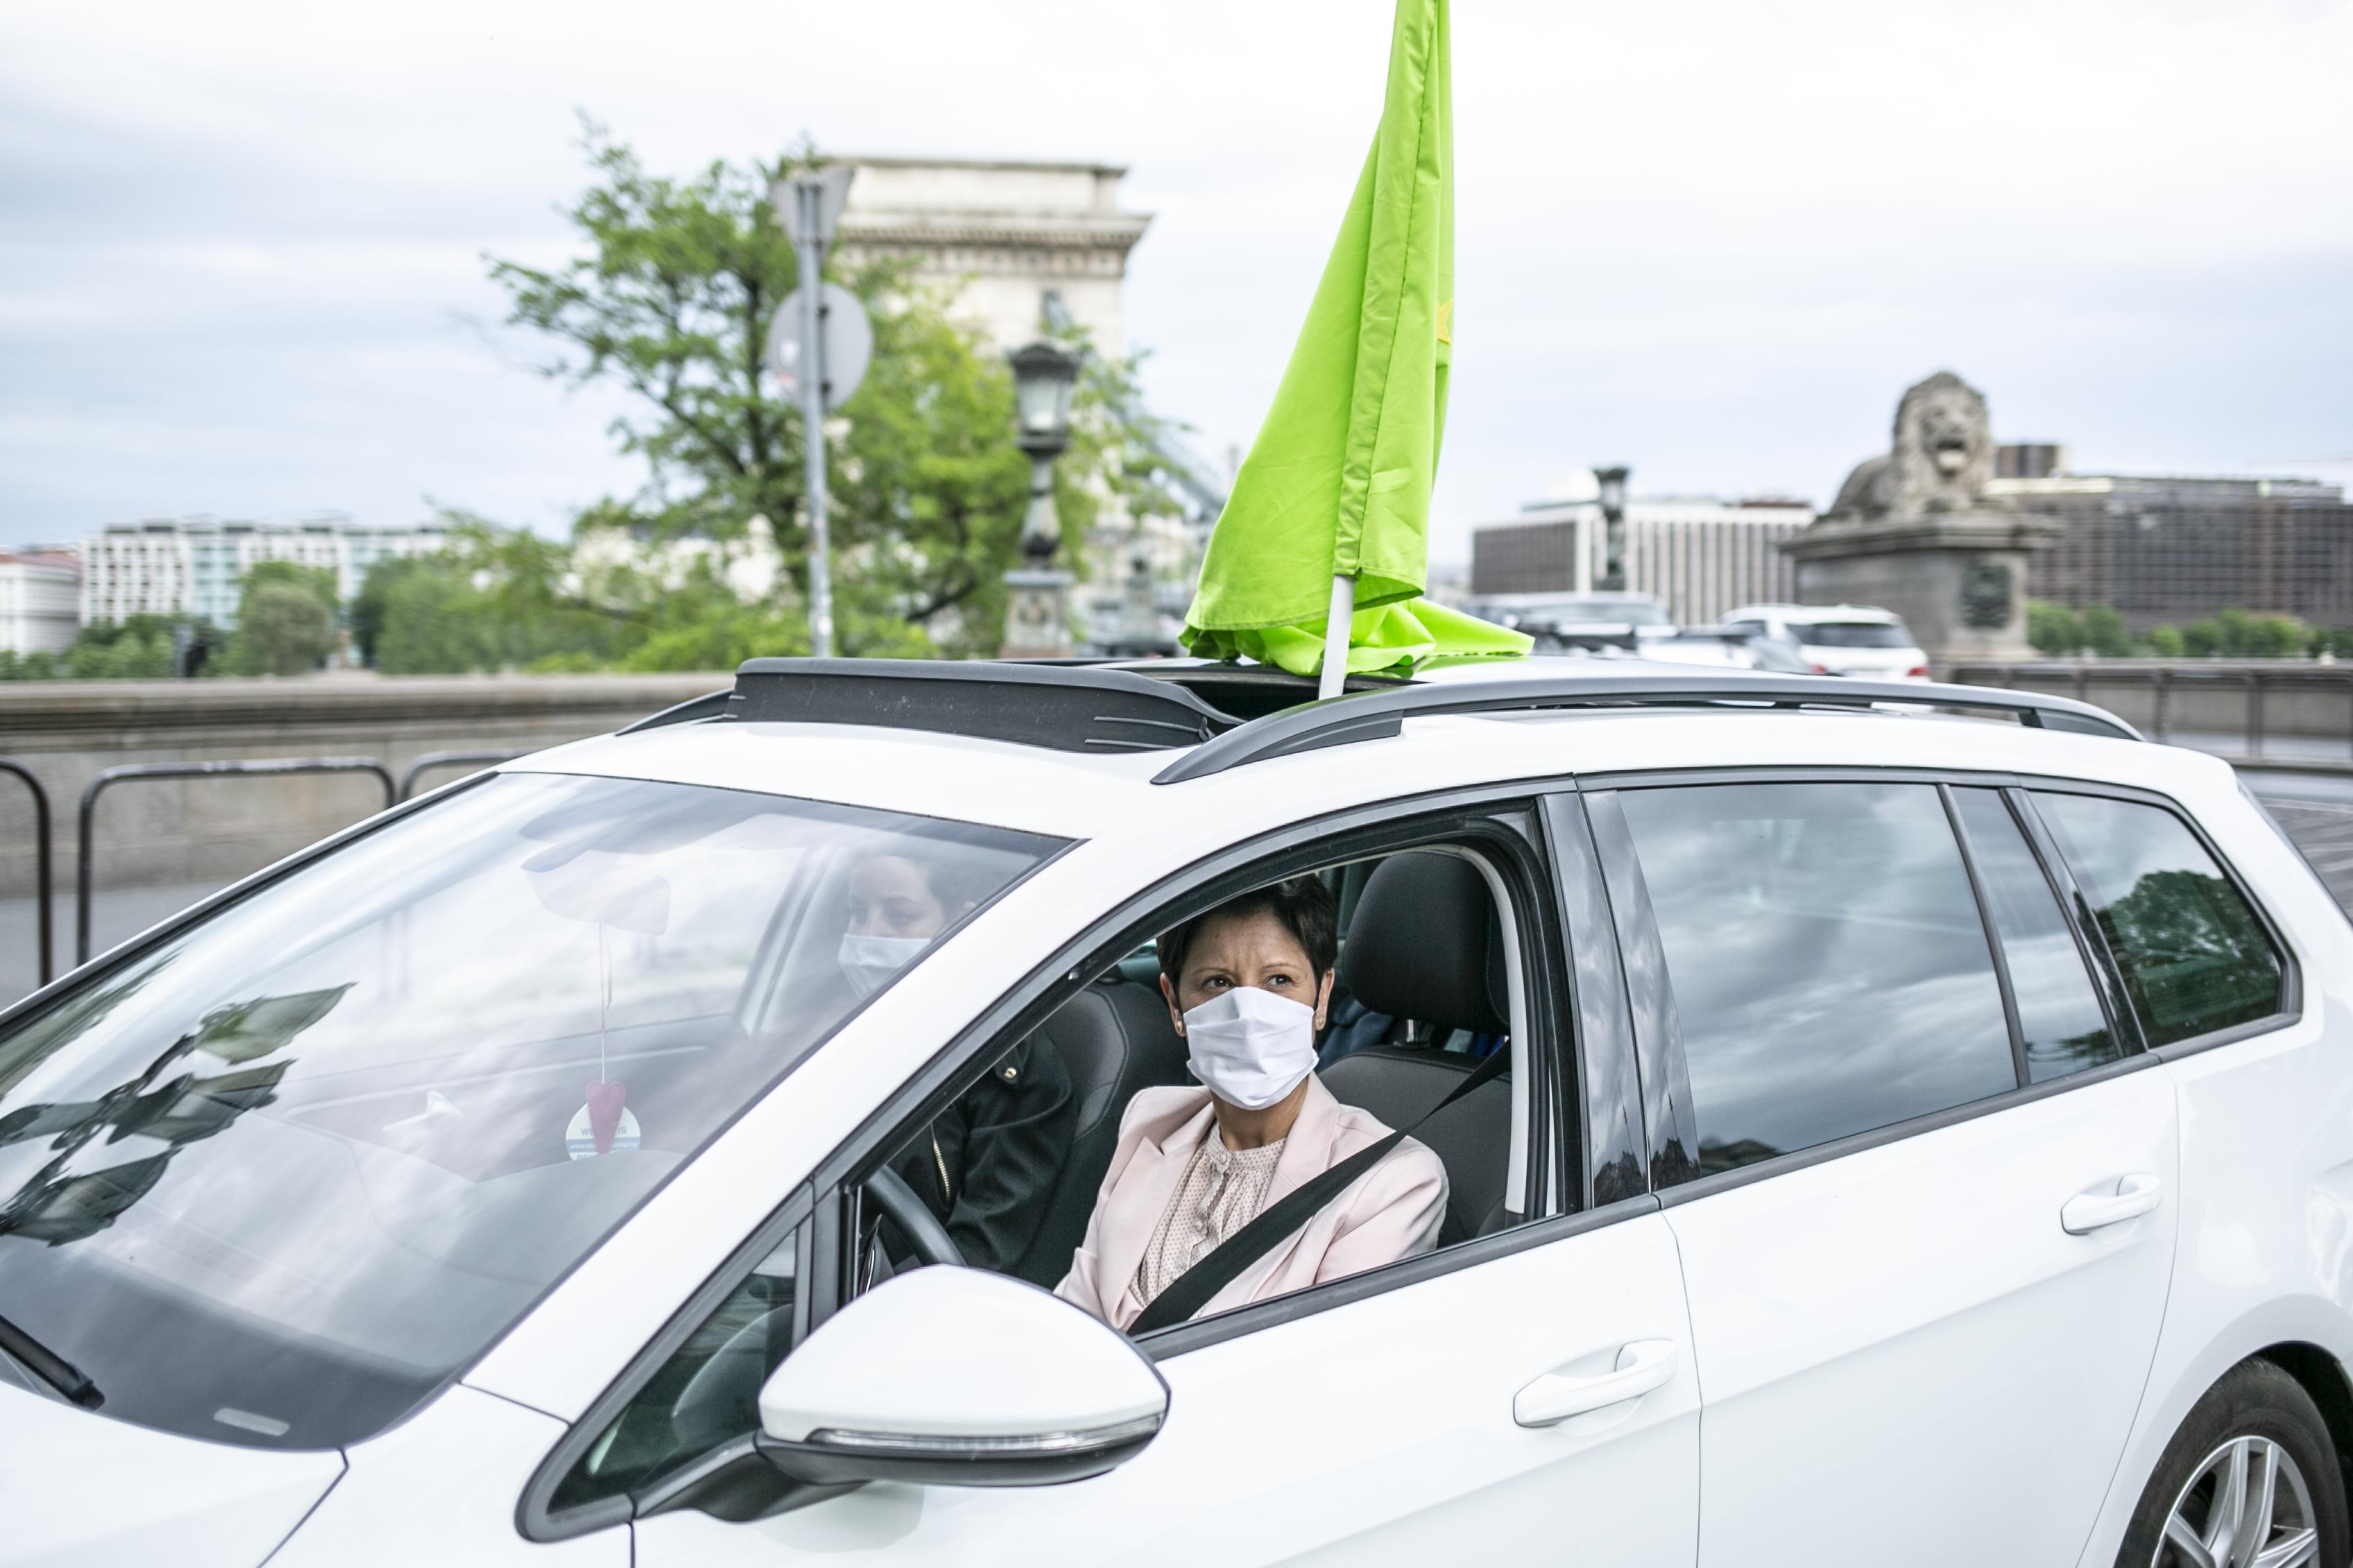 Alkotmánybírósághoz fordul egy betiltott autós demonstráció szervezője, mert öt hónapja bármilyen tüntetés tilos